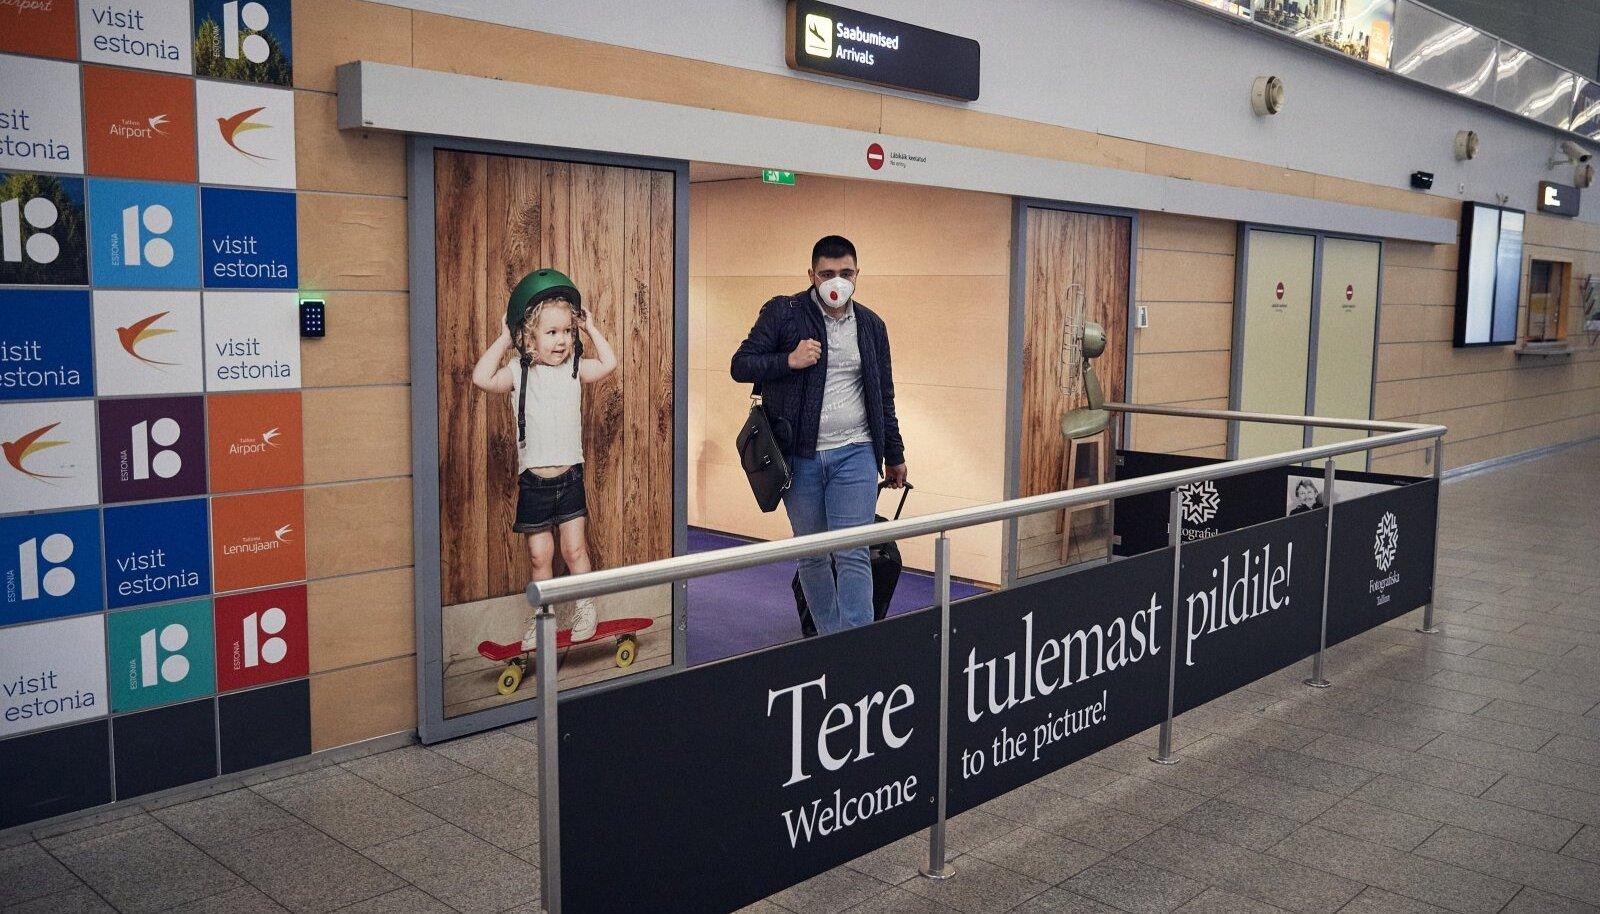 Üle maailma möllavad uued ohtlikud tüved, aga koroonaviiruse proovi andmine Eestisse sisenejatele kohustuslik ei ole.